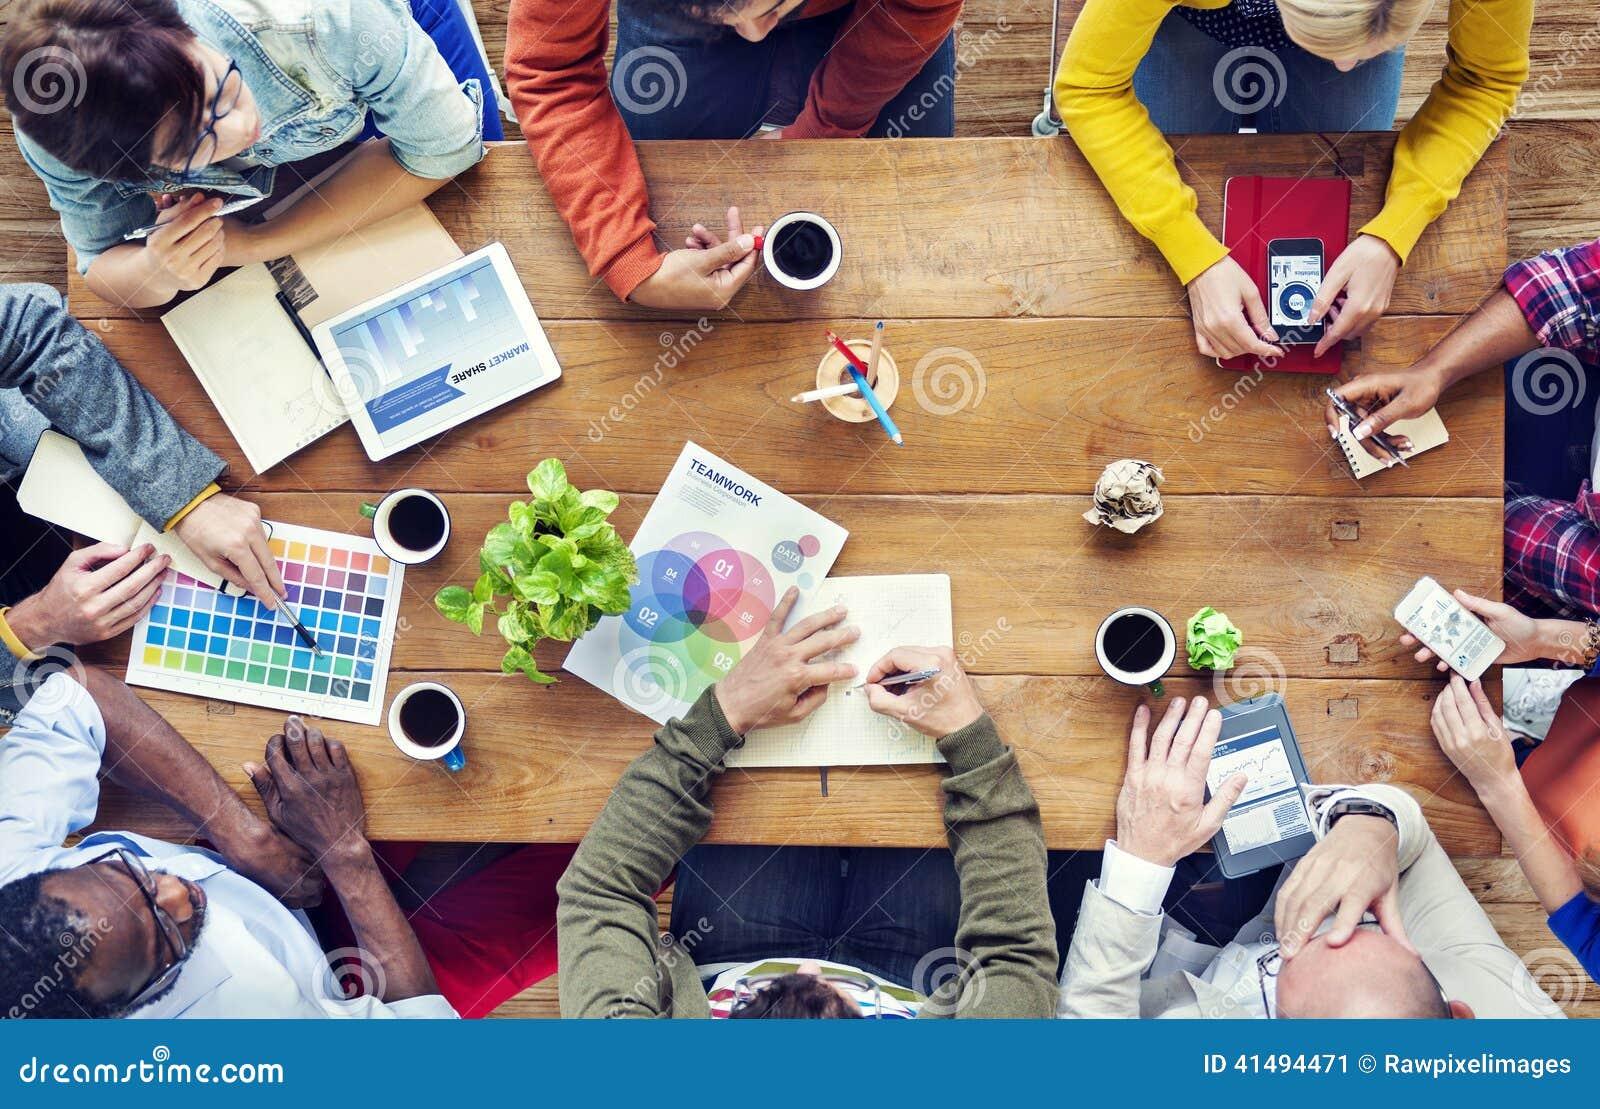 Groupe de concepteurs multi-ethniques faisant un brainstorm